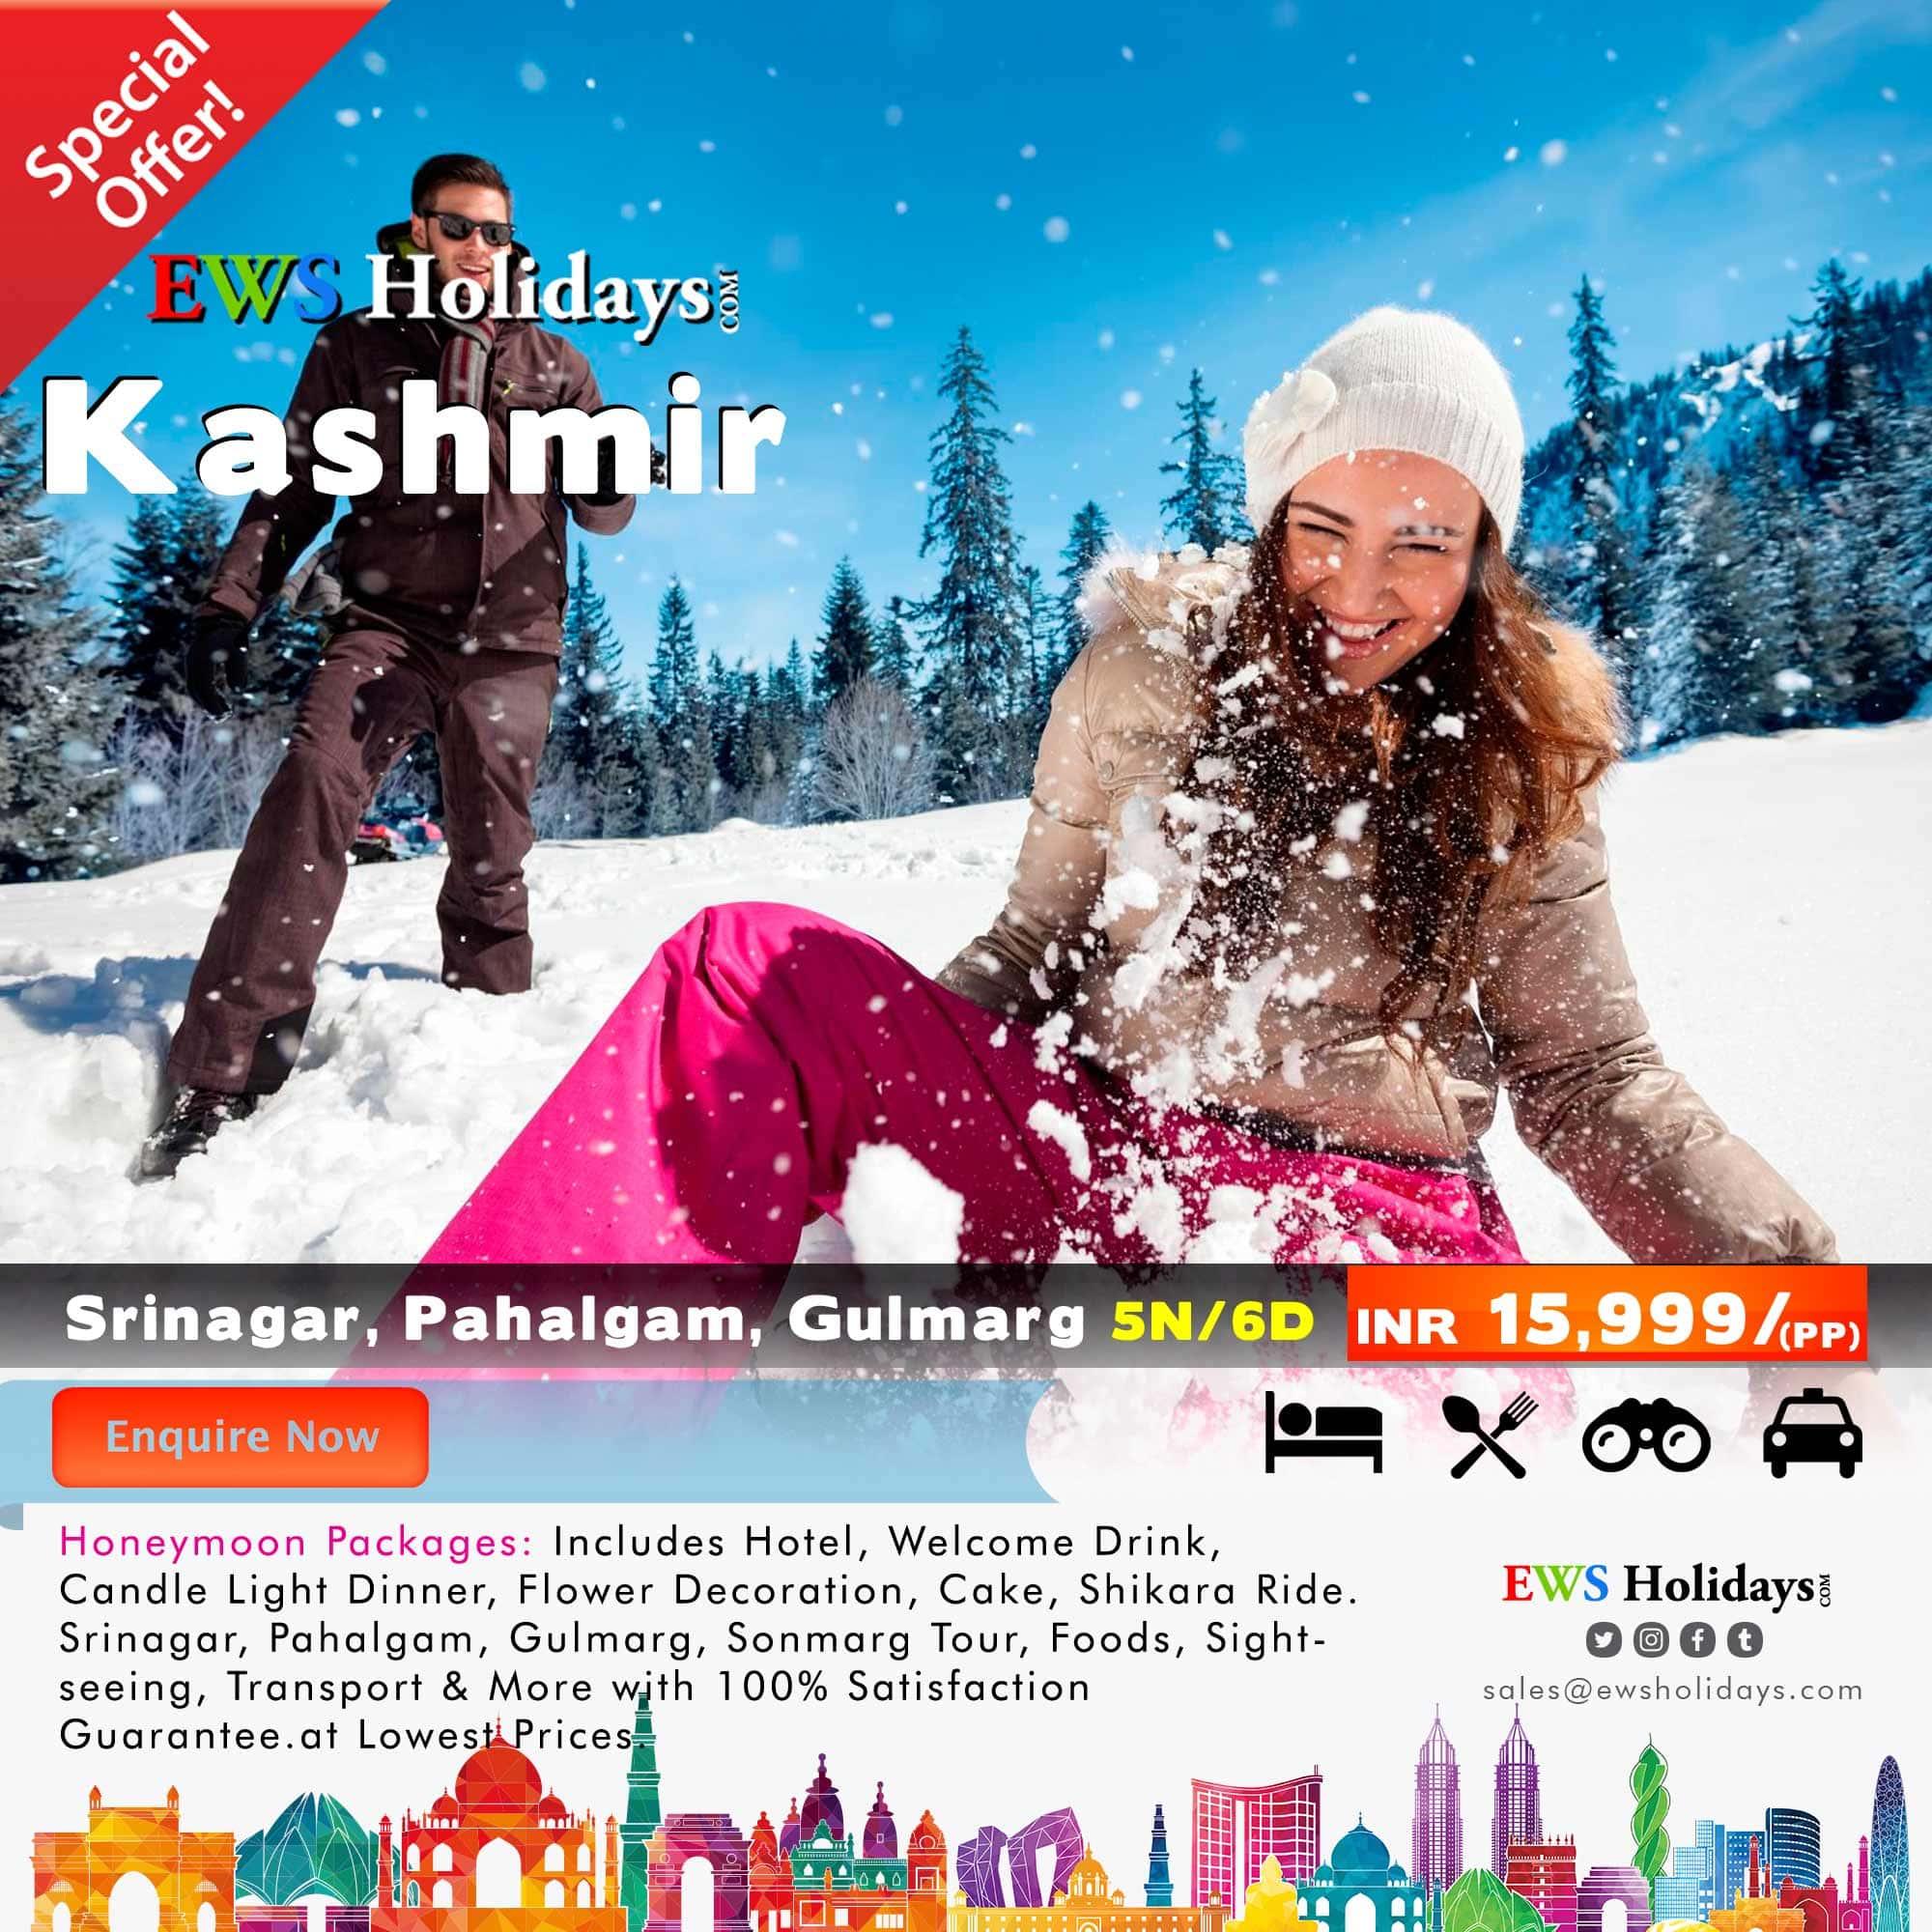 Kashmir Honeymoon Package 5N/6D @ 15,999